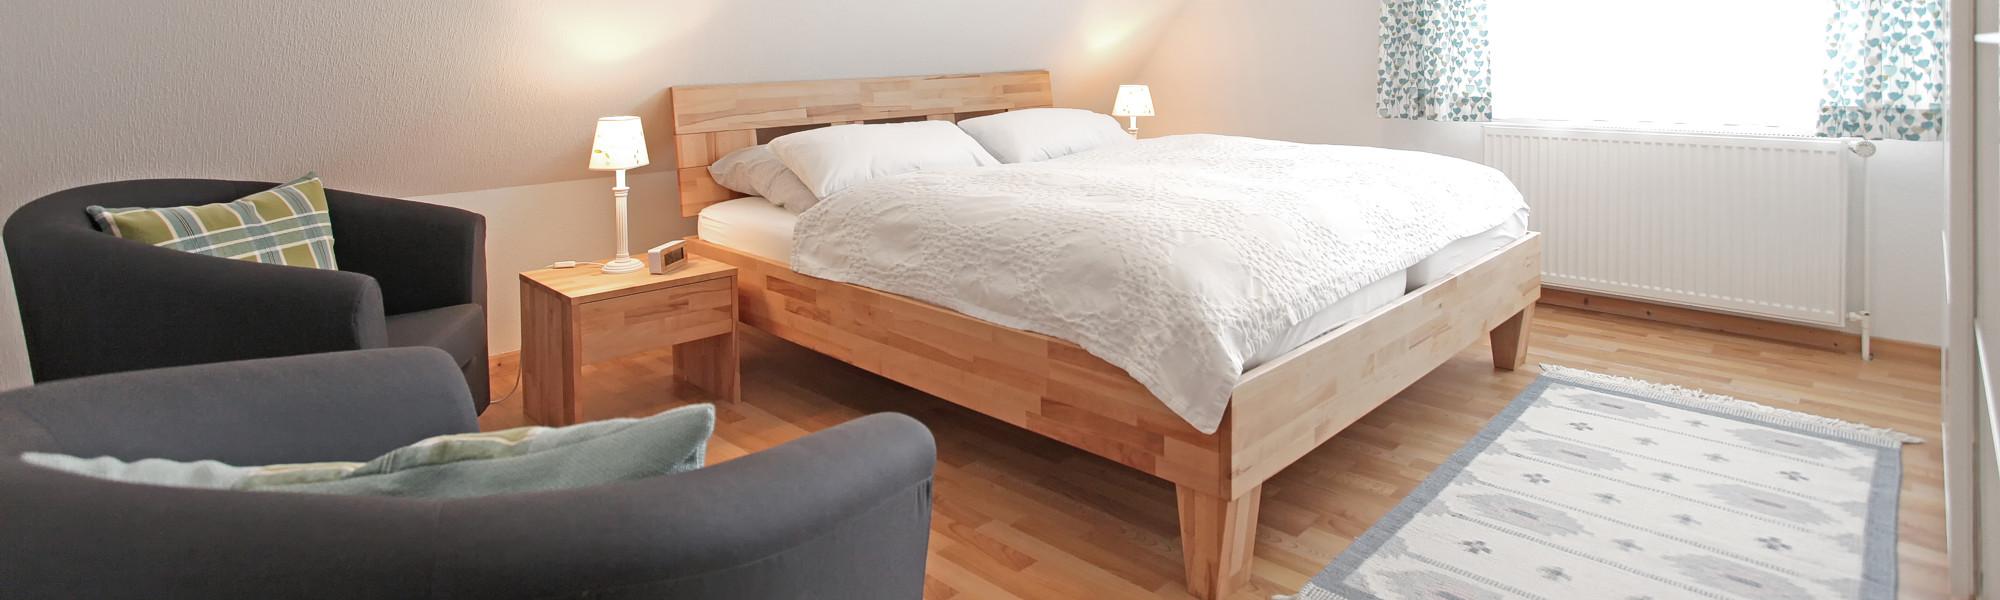 Foto vom Schlafzimmer